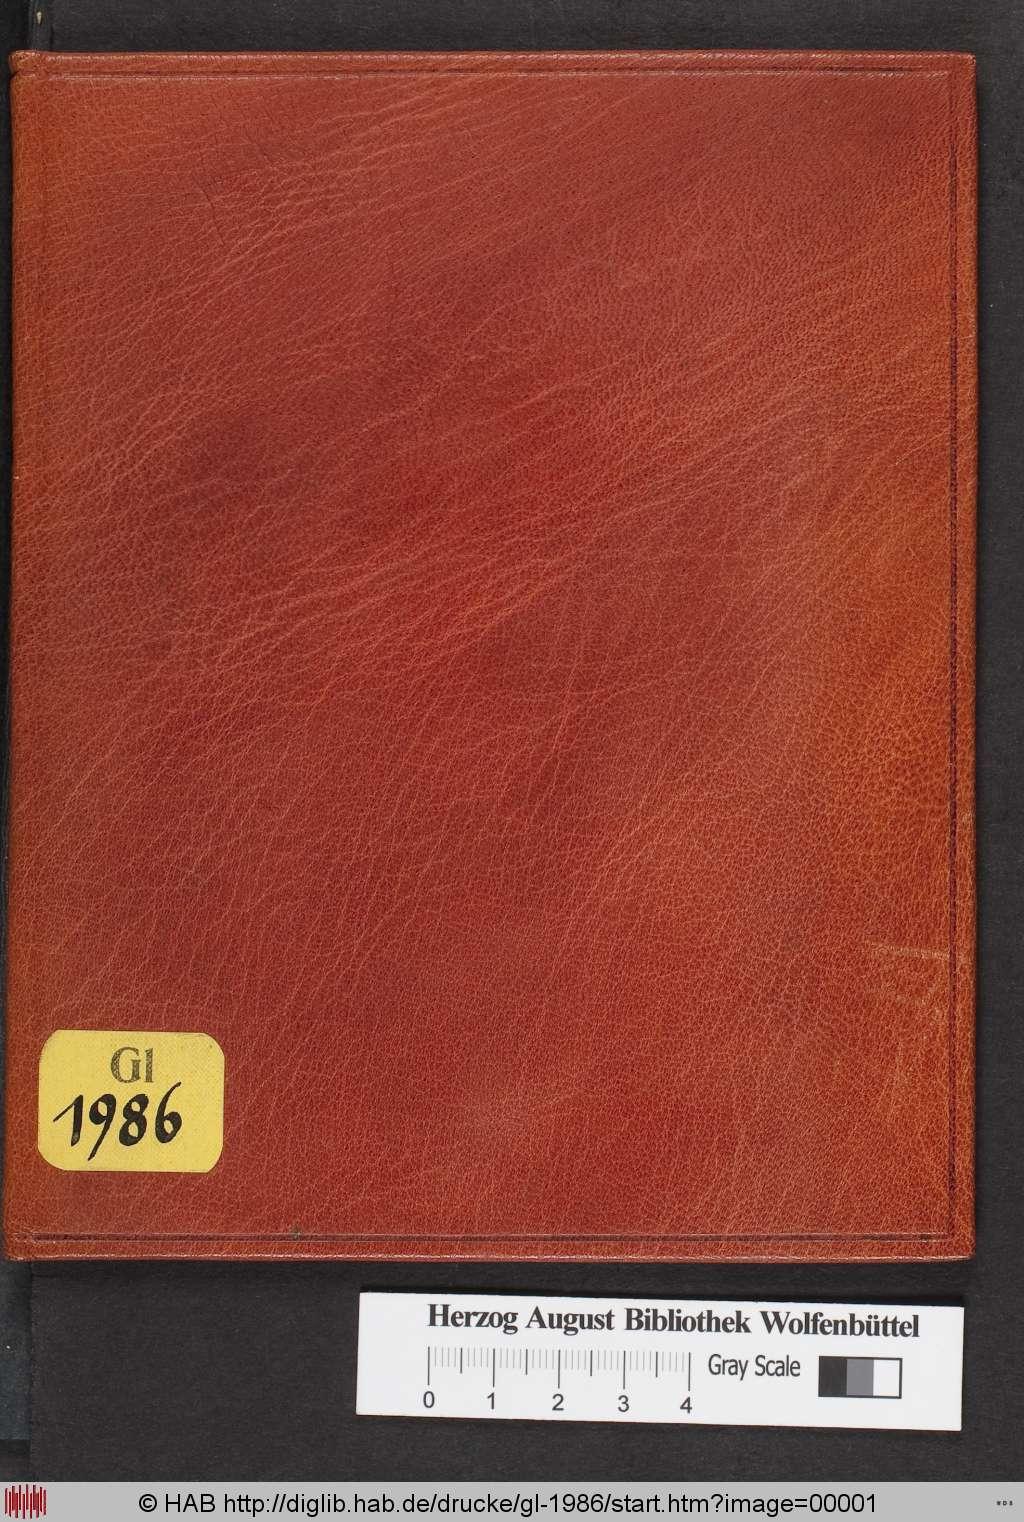 http://diglib.hab.de/drucke/gl-1986/00001.jpg